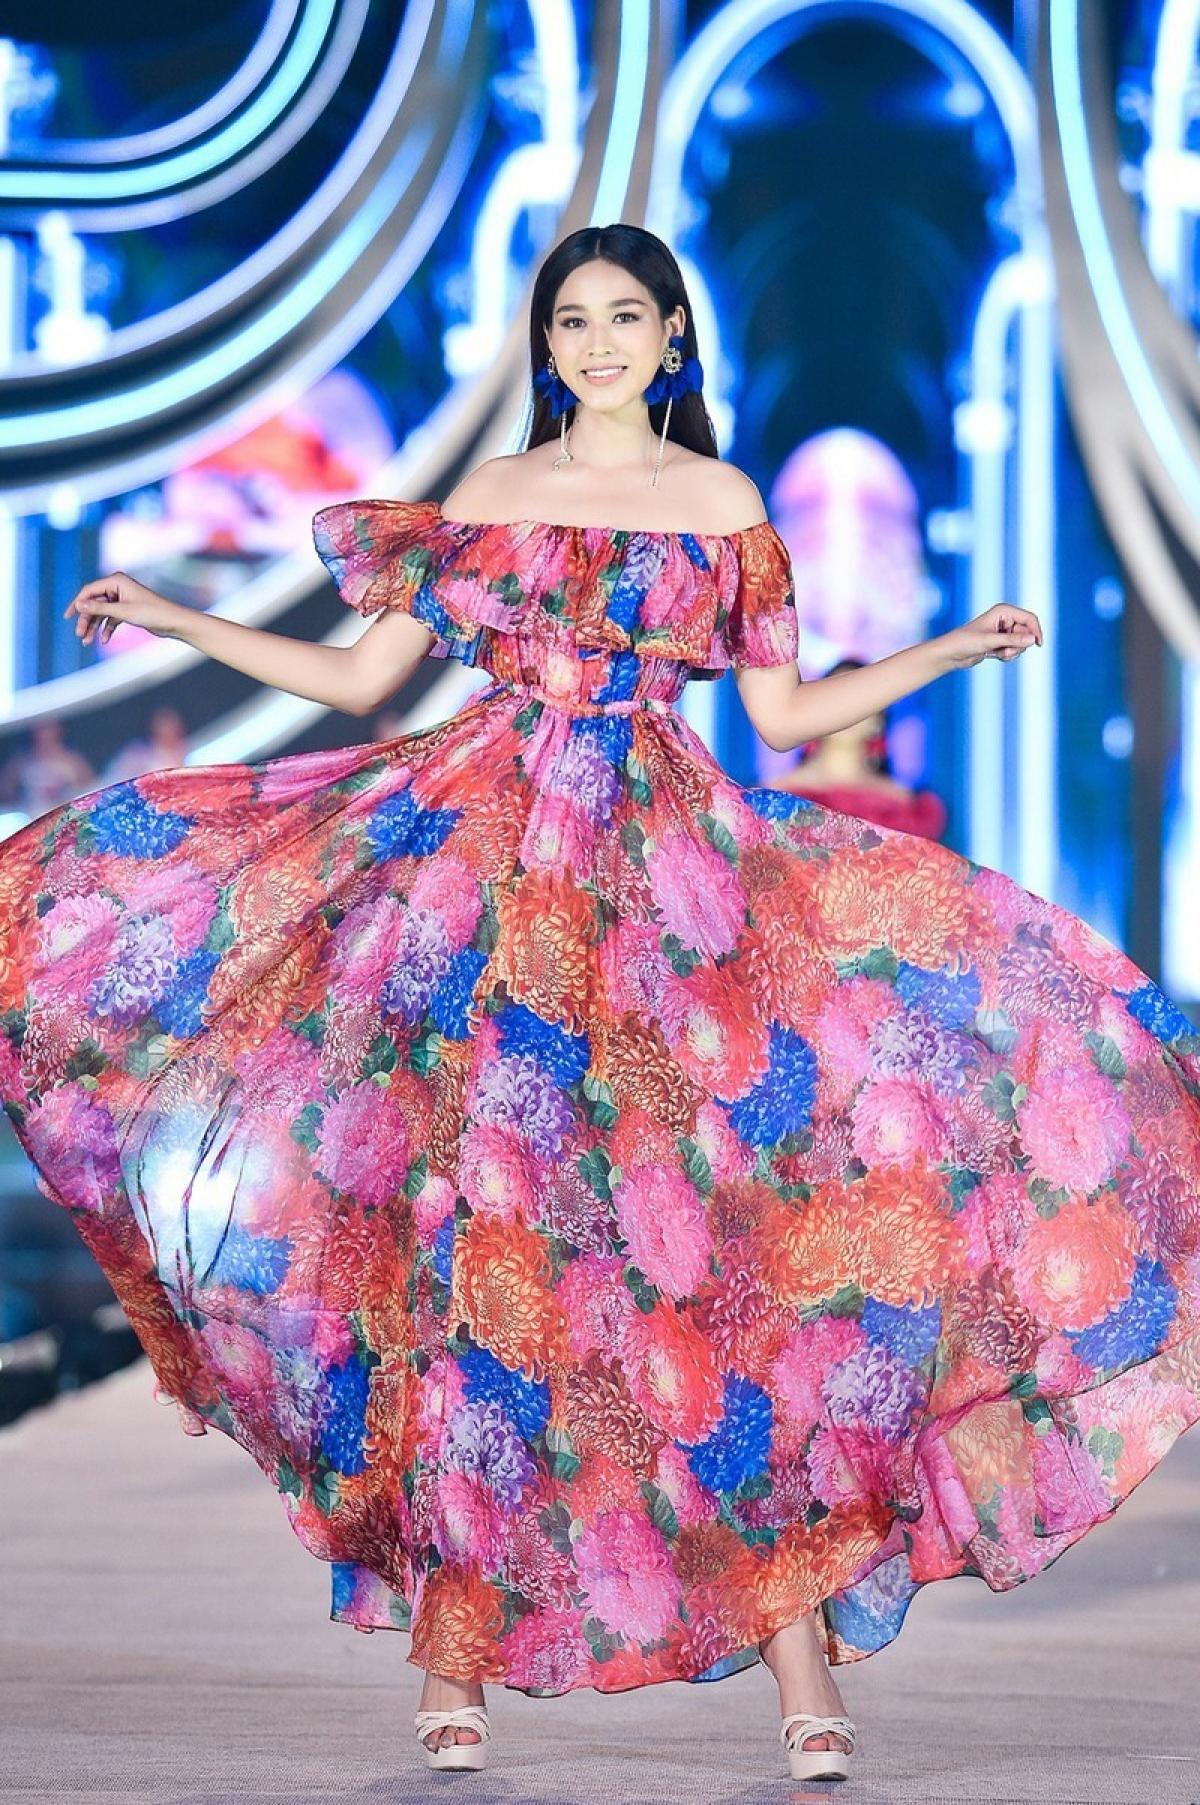 Cô gái 19 tuổi quê Thanh Hóa cho biết vẫn sẽ ưu tiên việc học dù có đăng quang hoa hậu.